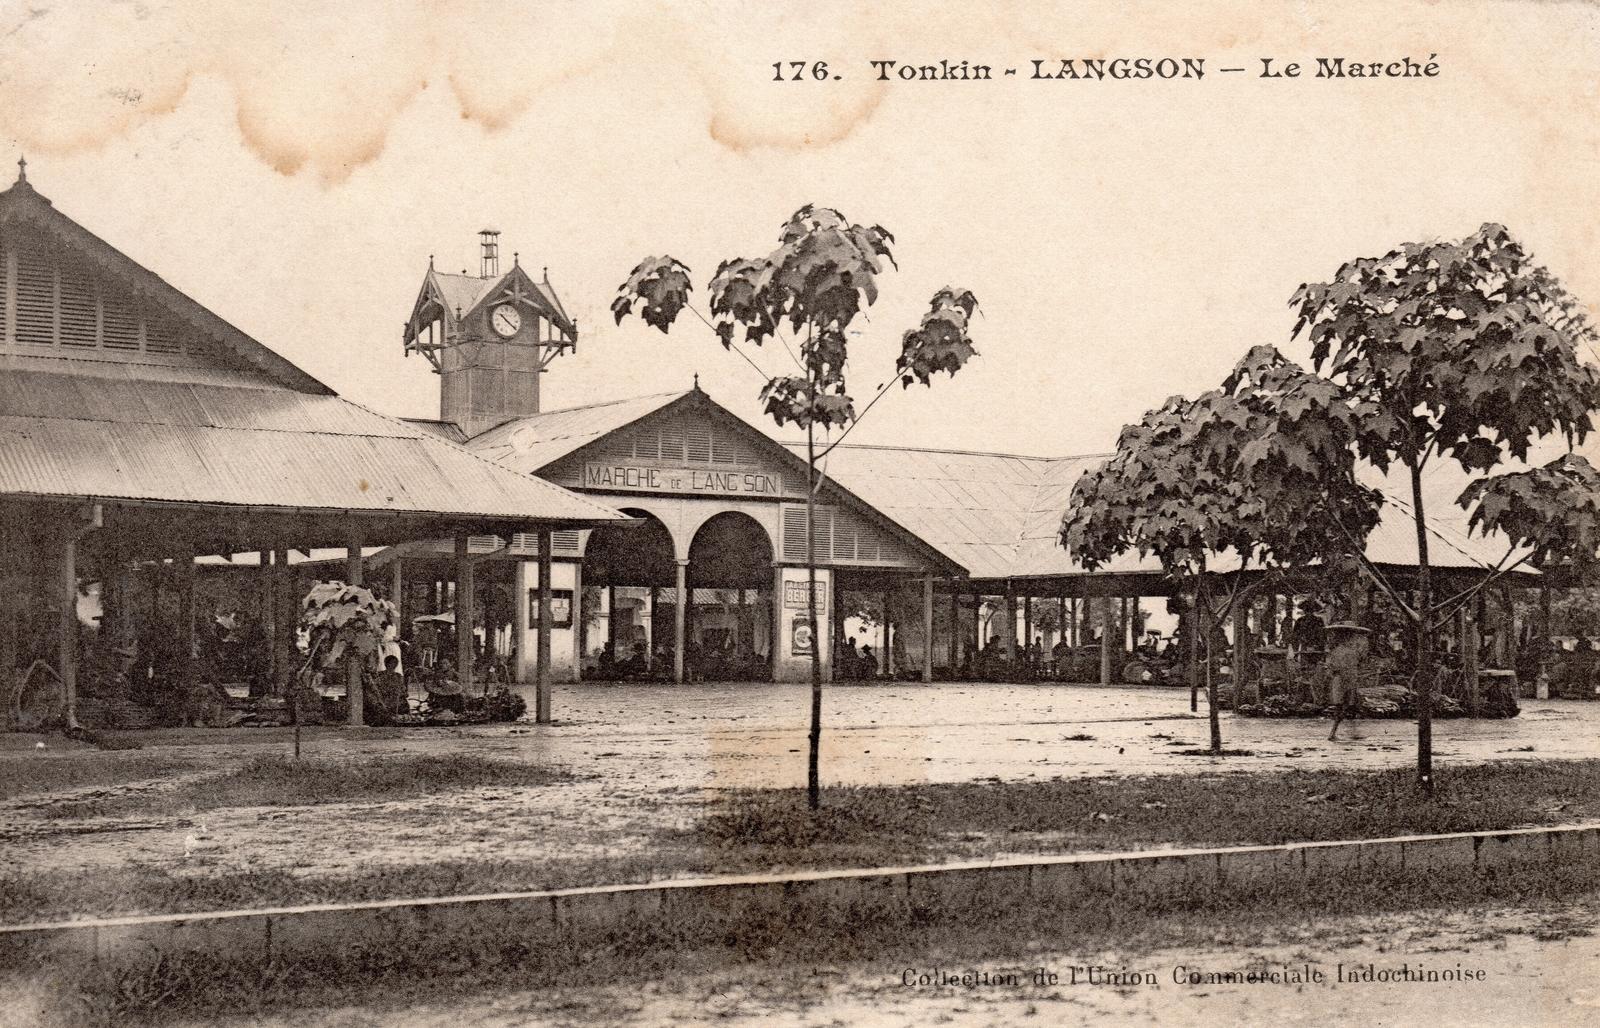 Langson -  TONKIN-Langson-Le Marché